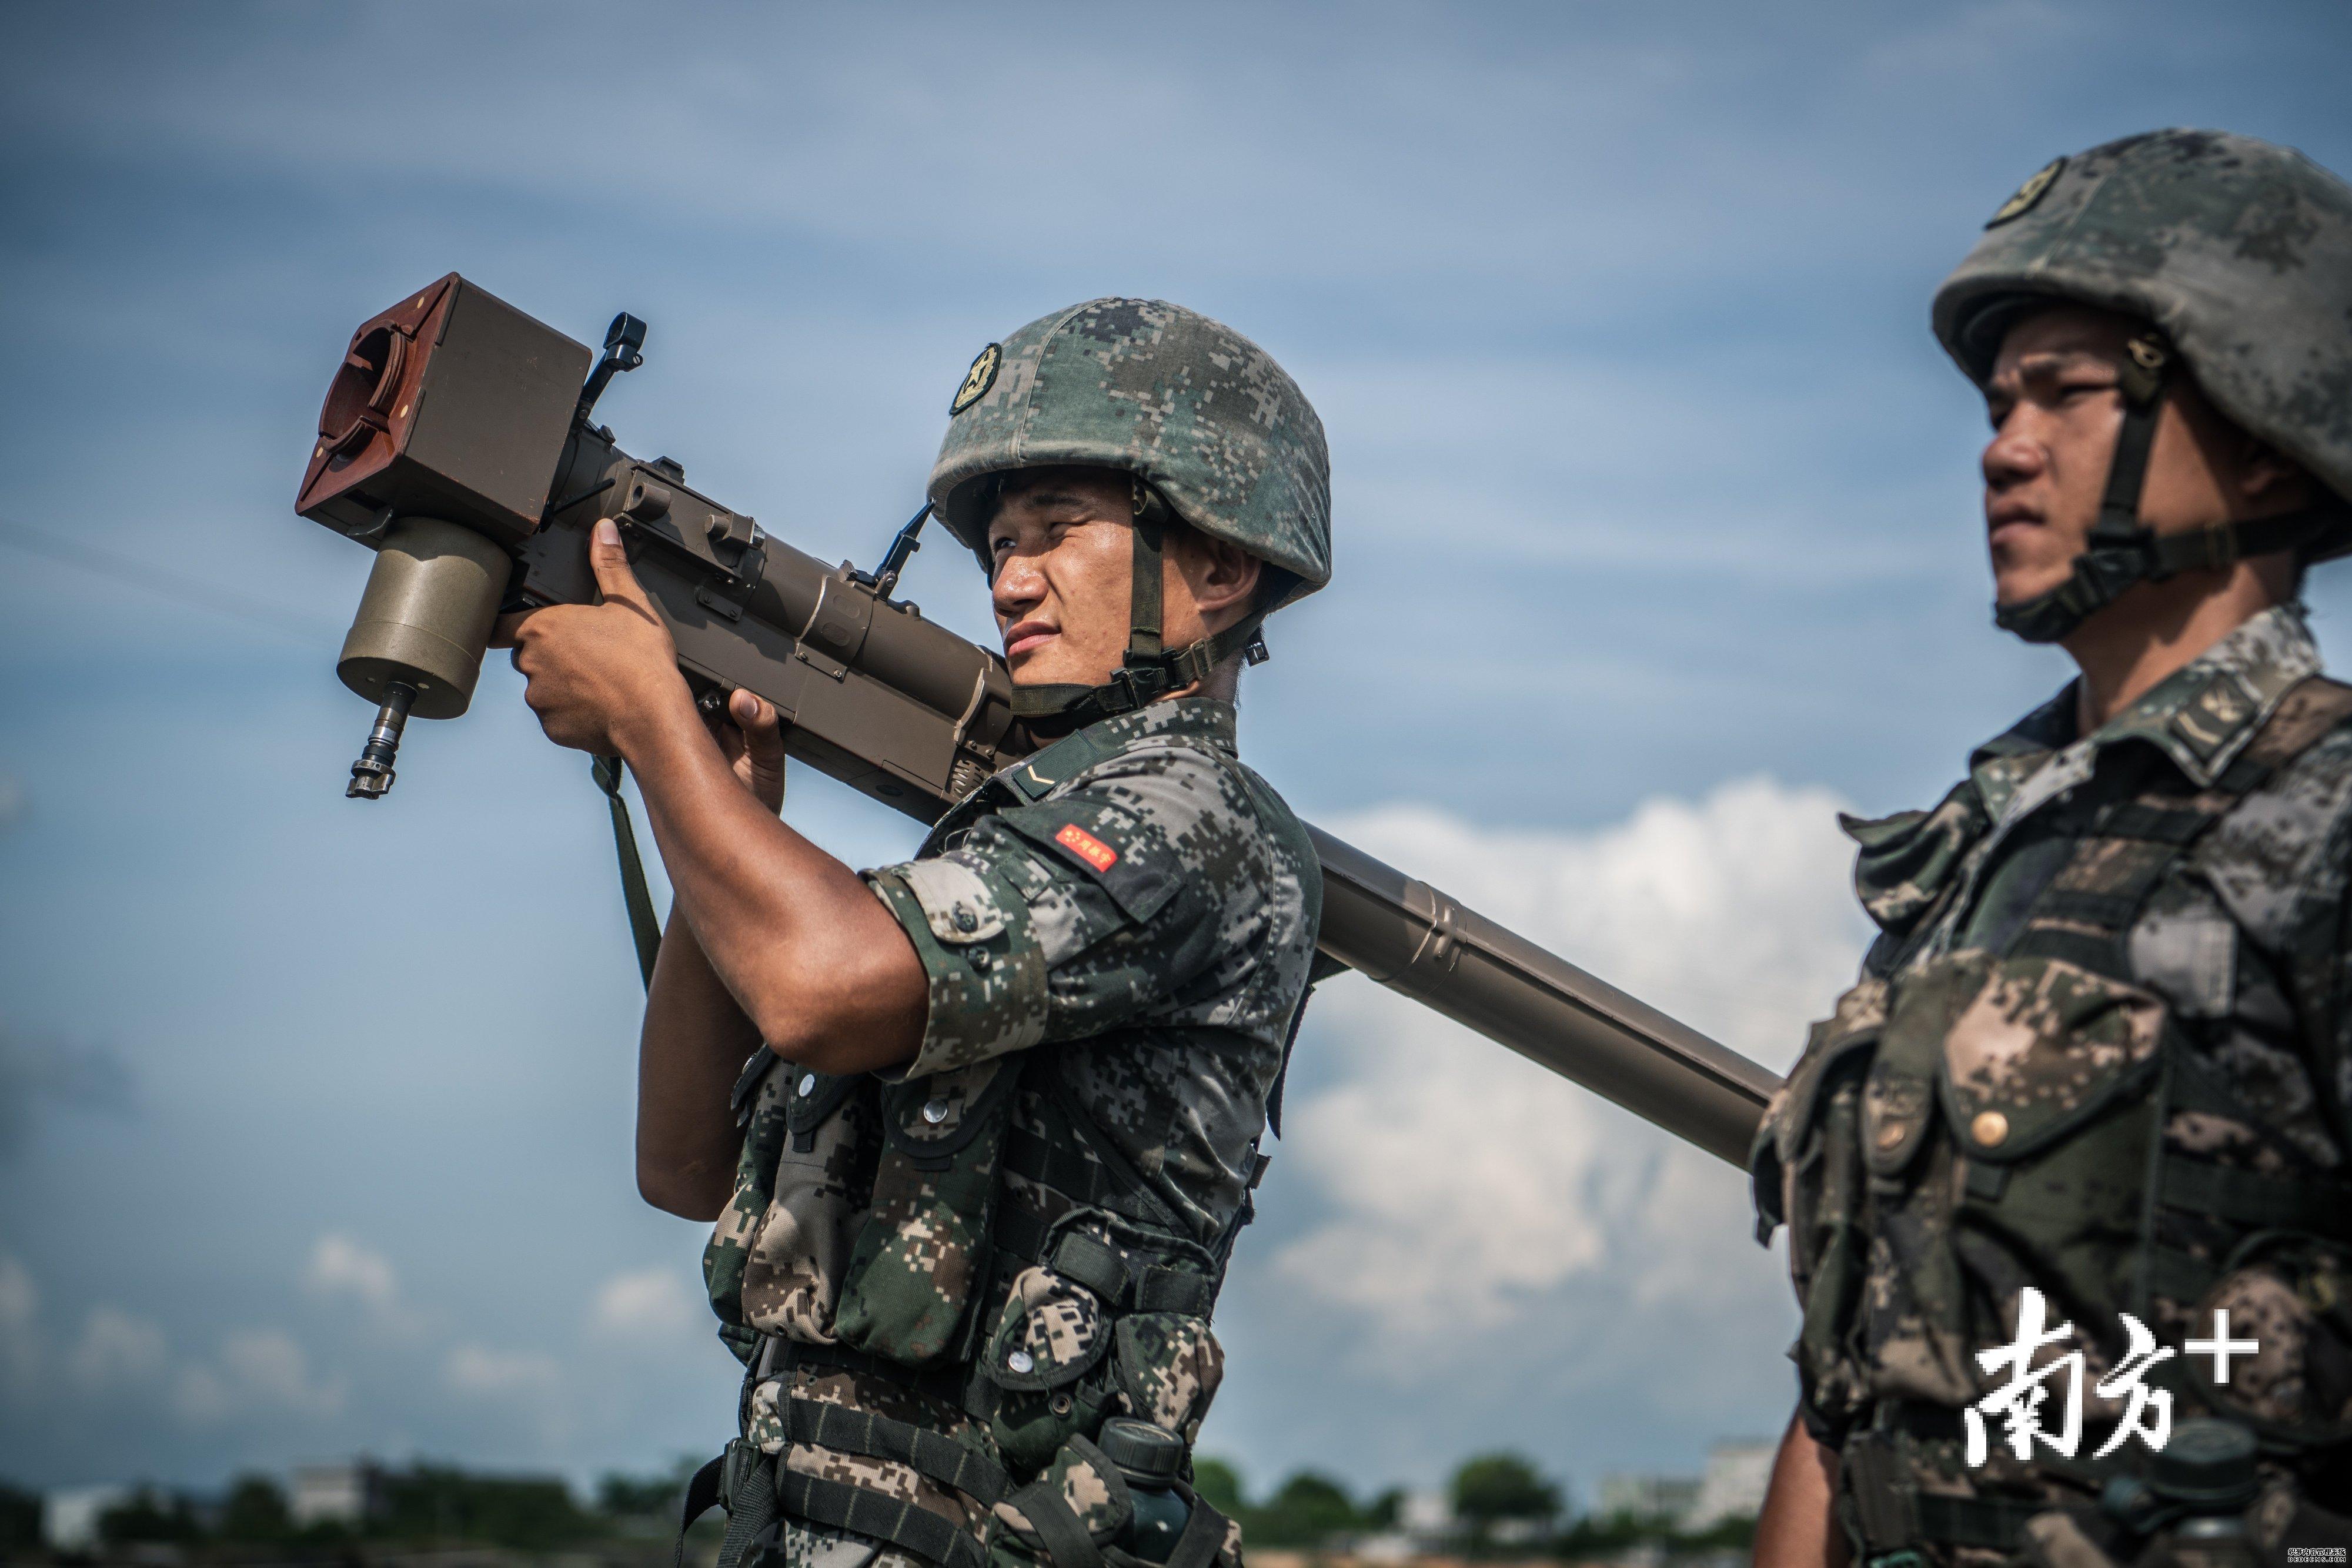 为确保射击精度,射手在发射导弹时,要求动作、姿势绝对不能变形。在日常训练时,周振宇需要右肩扛着几十斤的导弹发射器纹丝不动。